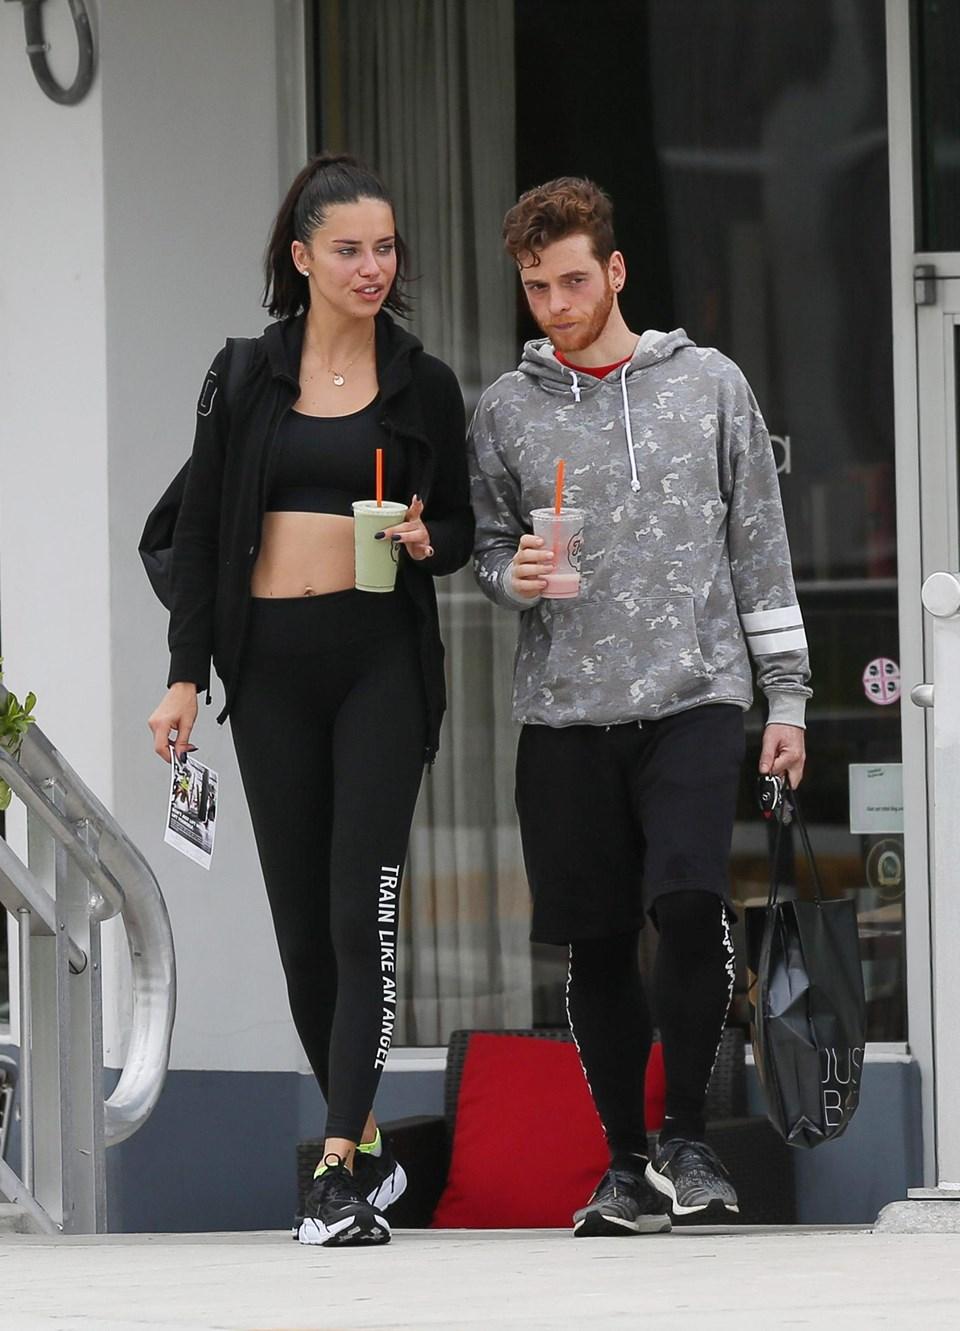 Adriana Lima ve Metin Hara ayrıldı mı? Adriana Lima Metin Hara'yı takipten çıkardı